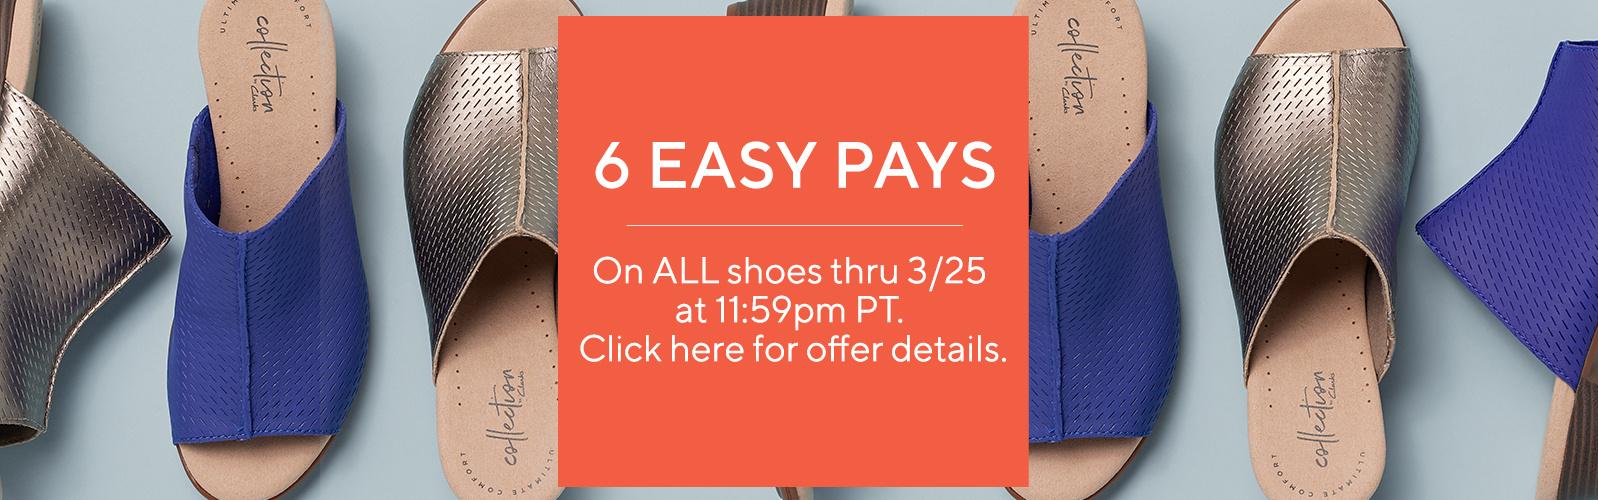 Shoes — Women s Shoes and Footwear — QVC.com 555472d1cec